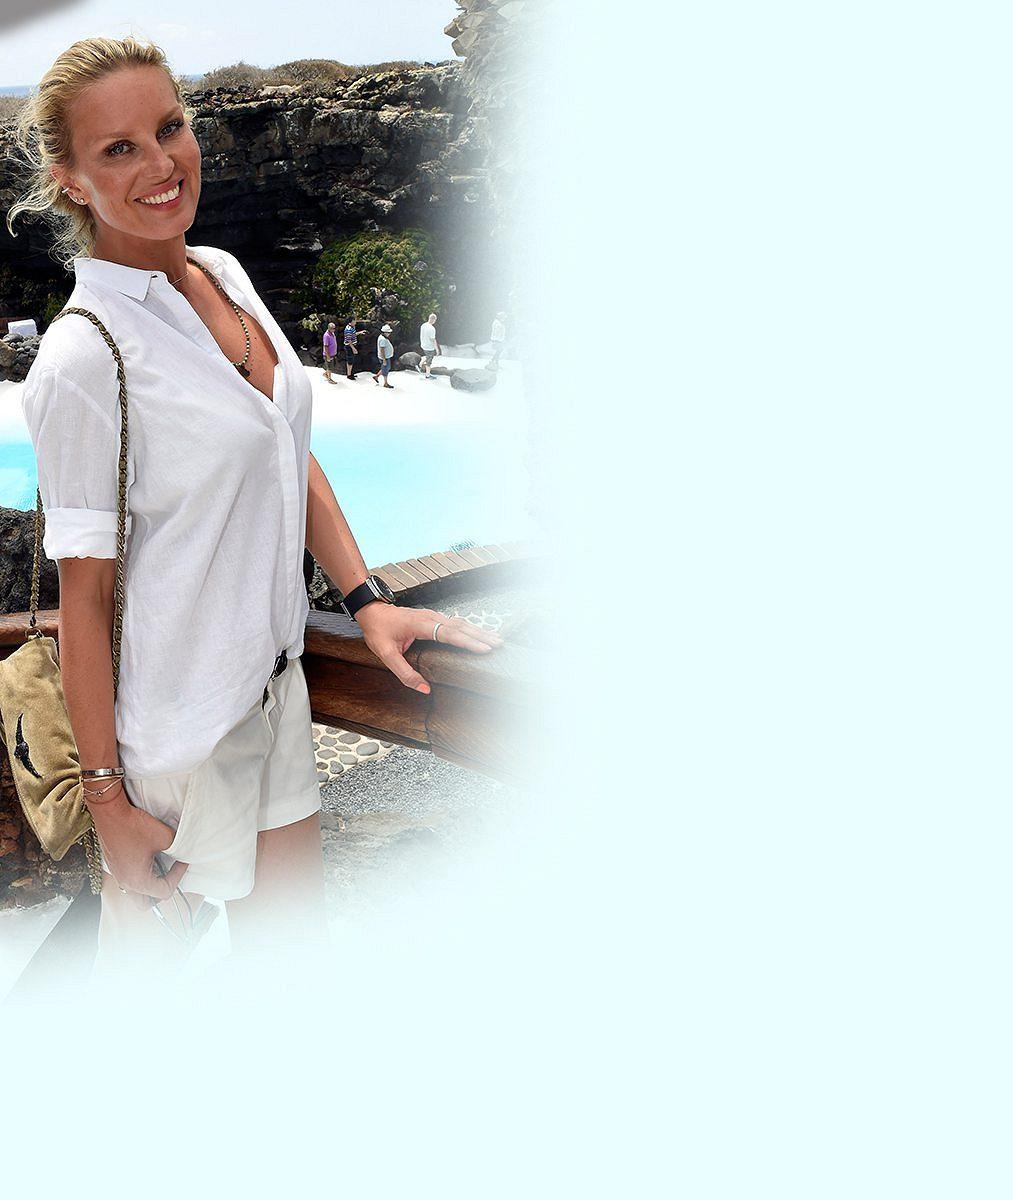 randění online v dubaj jak začít chodit ve věku 50 let